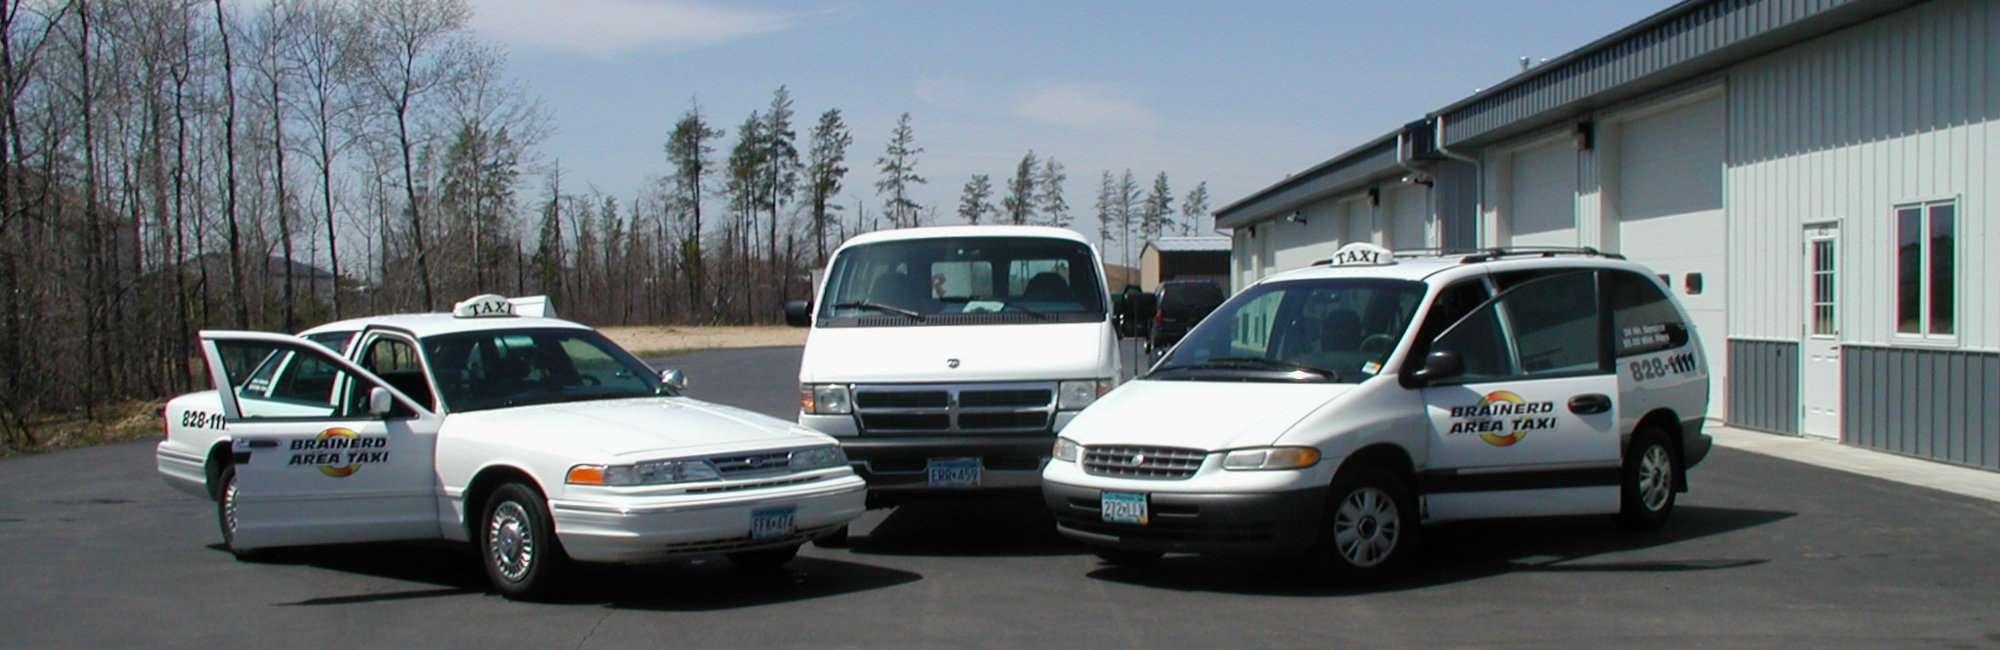 Brainerd Area Taxi Service